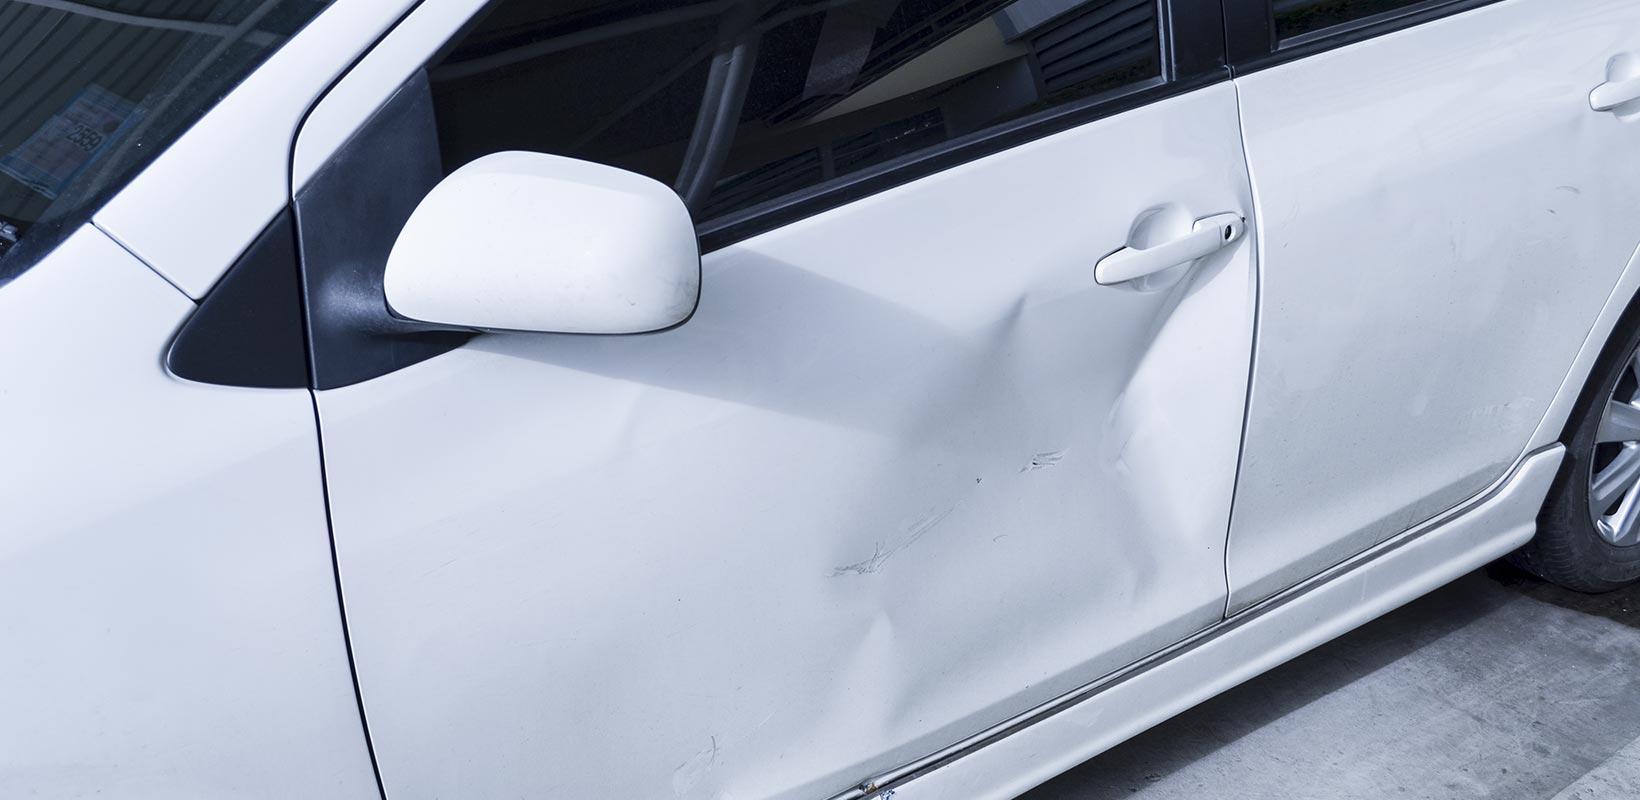 bule-i-bilen